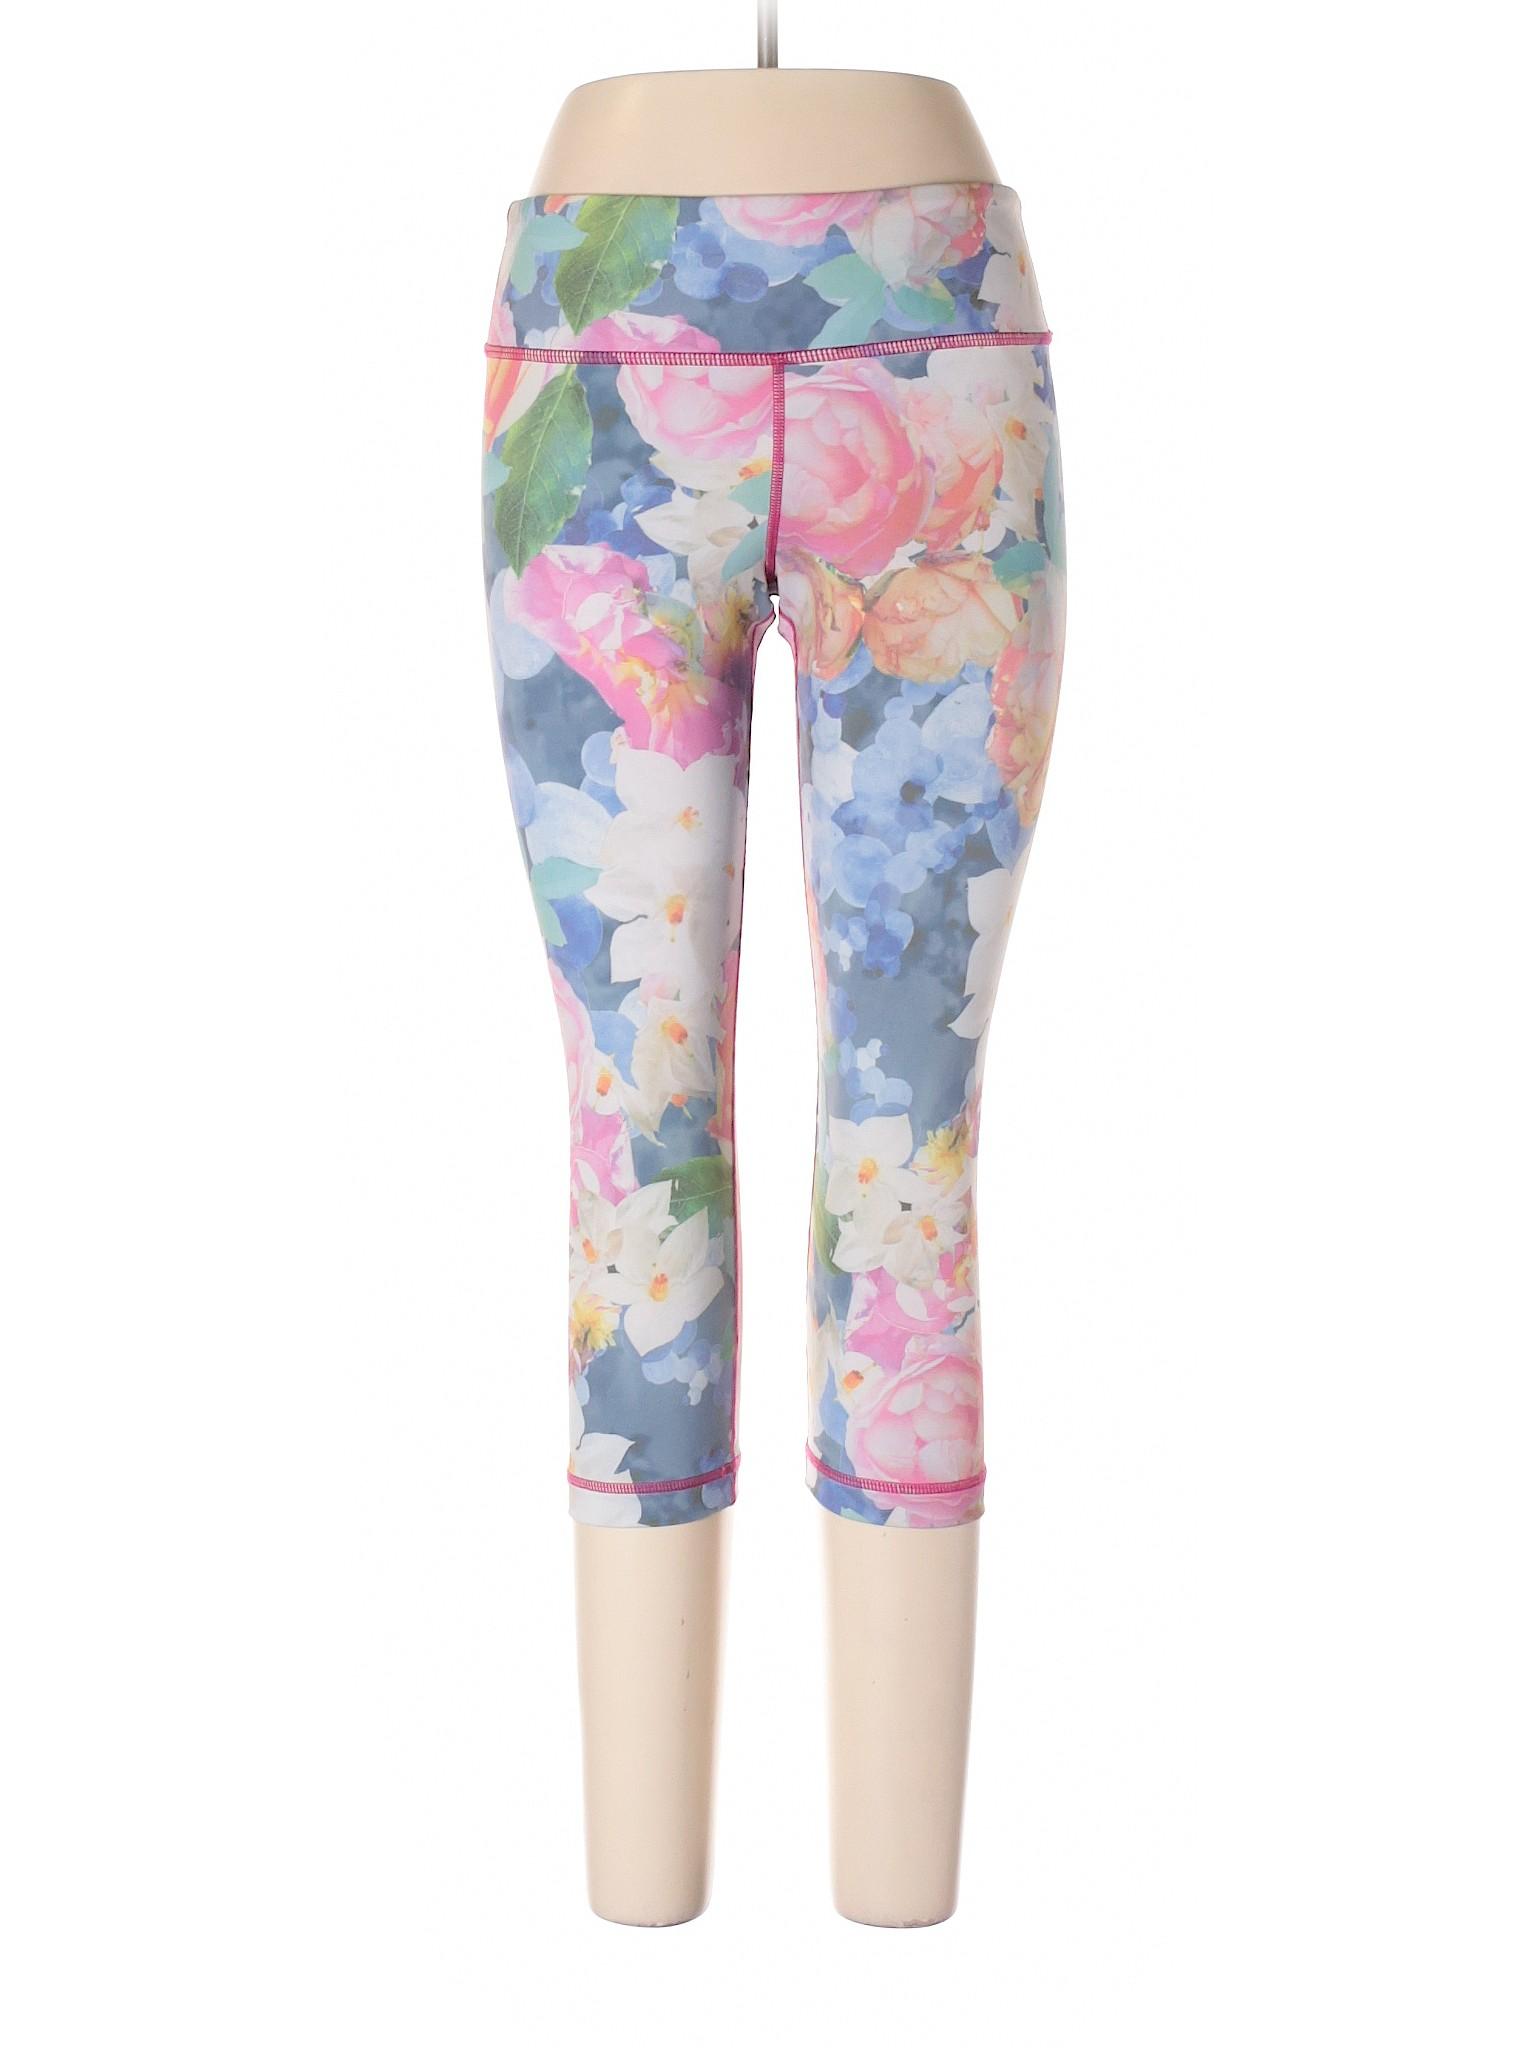 Boutique Boutique Pants Vimmia Active Vimmia Vimmia Boutique Pants Active qCPwREI